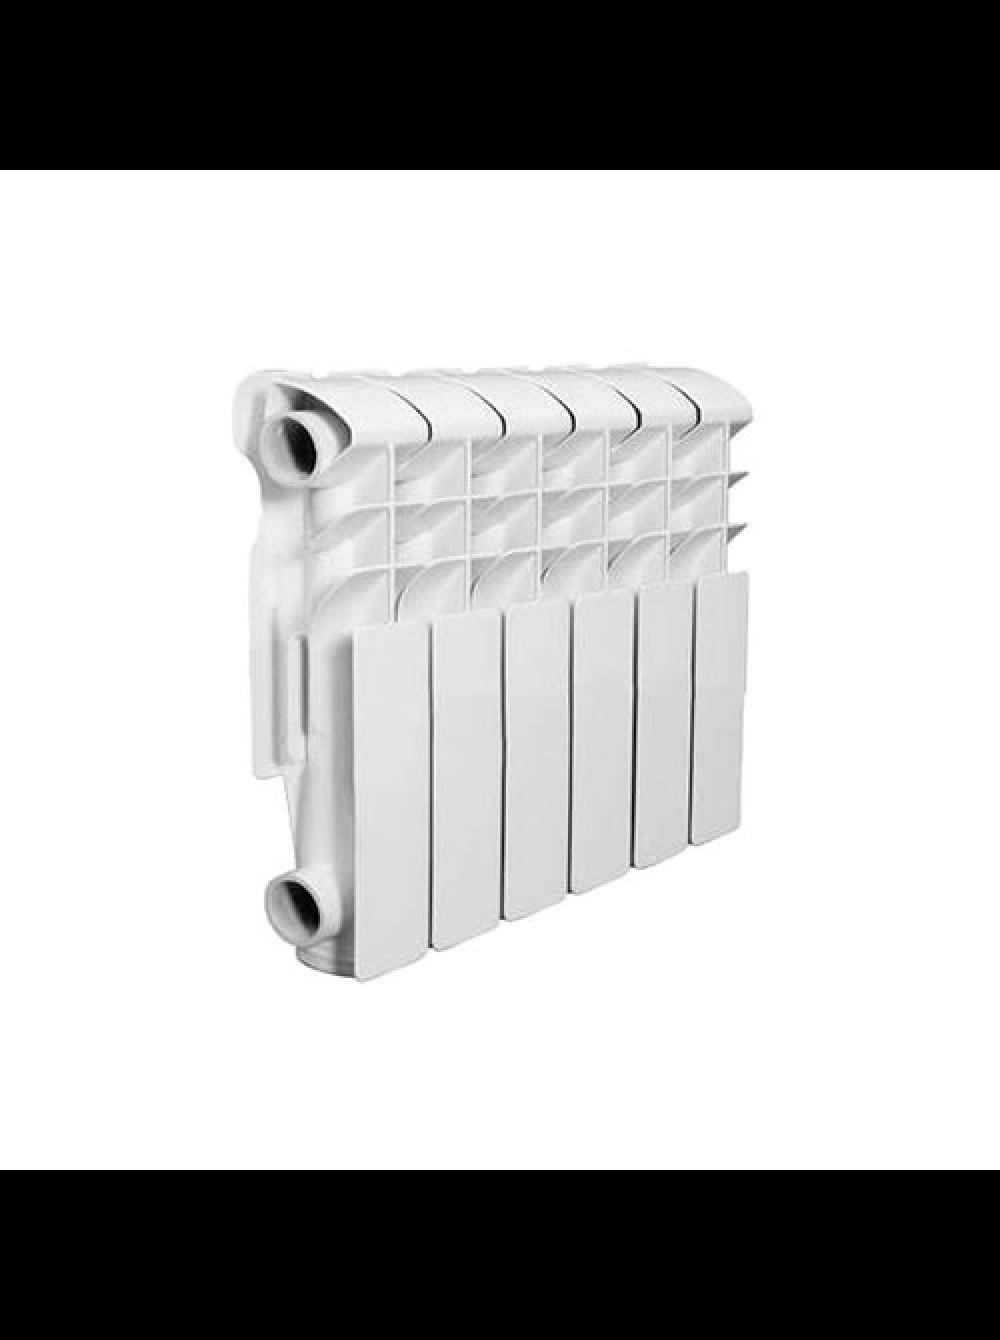 Биметаллический радиатор Valfex Optima Version 2.0 350/80/8 сек